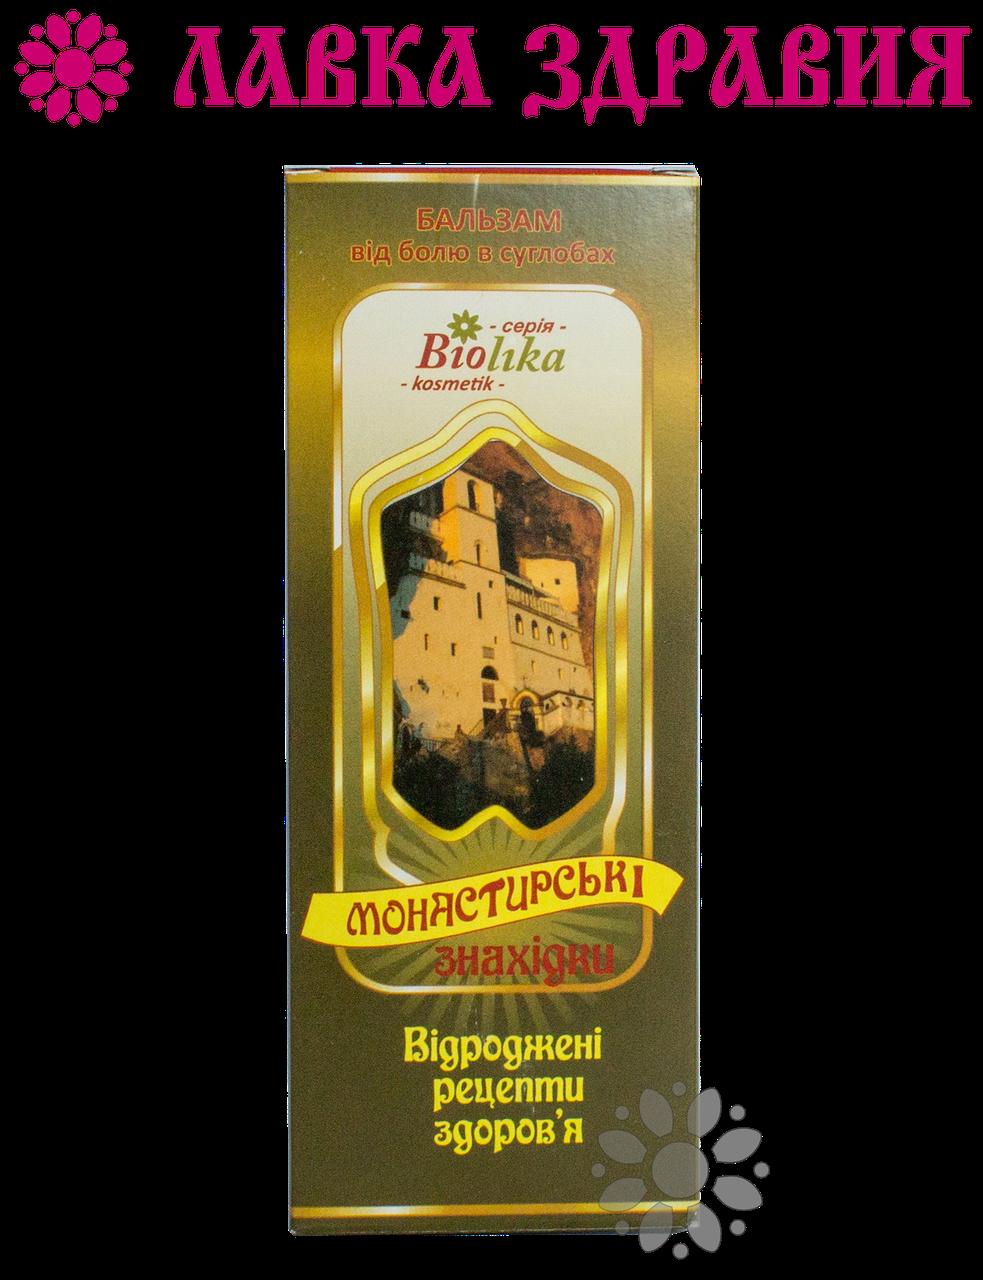 Бальзам от боли в суставах монастырский цена перегородки грецкого ореха лечение суставов